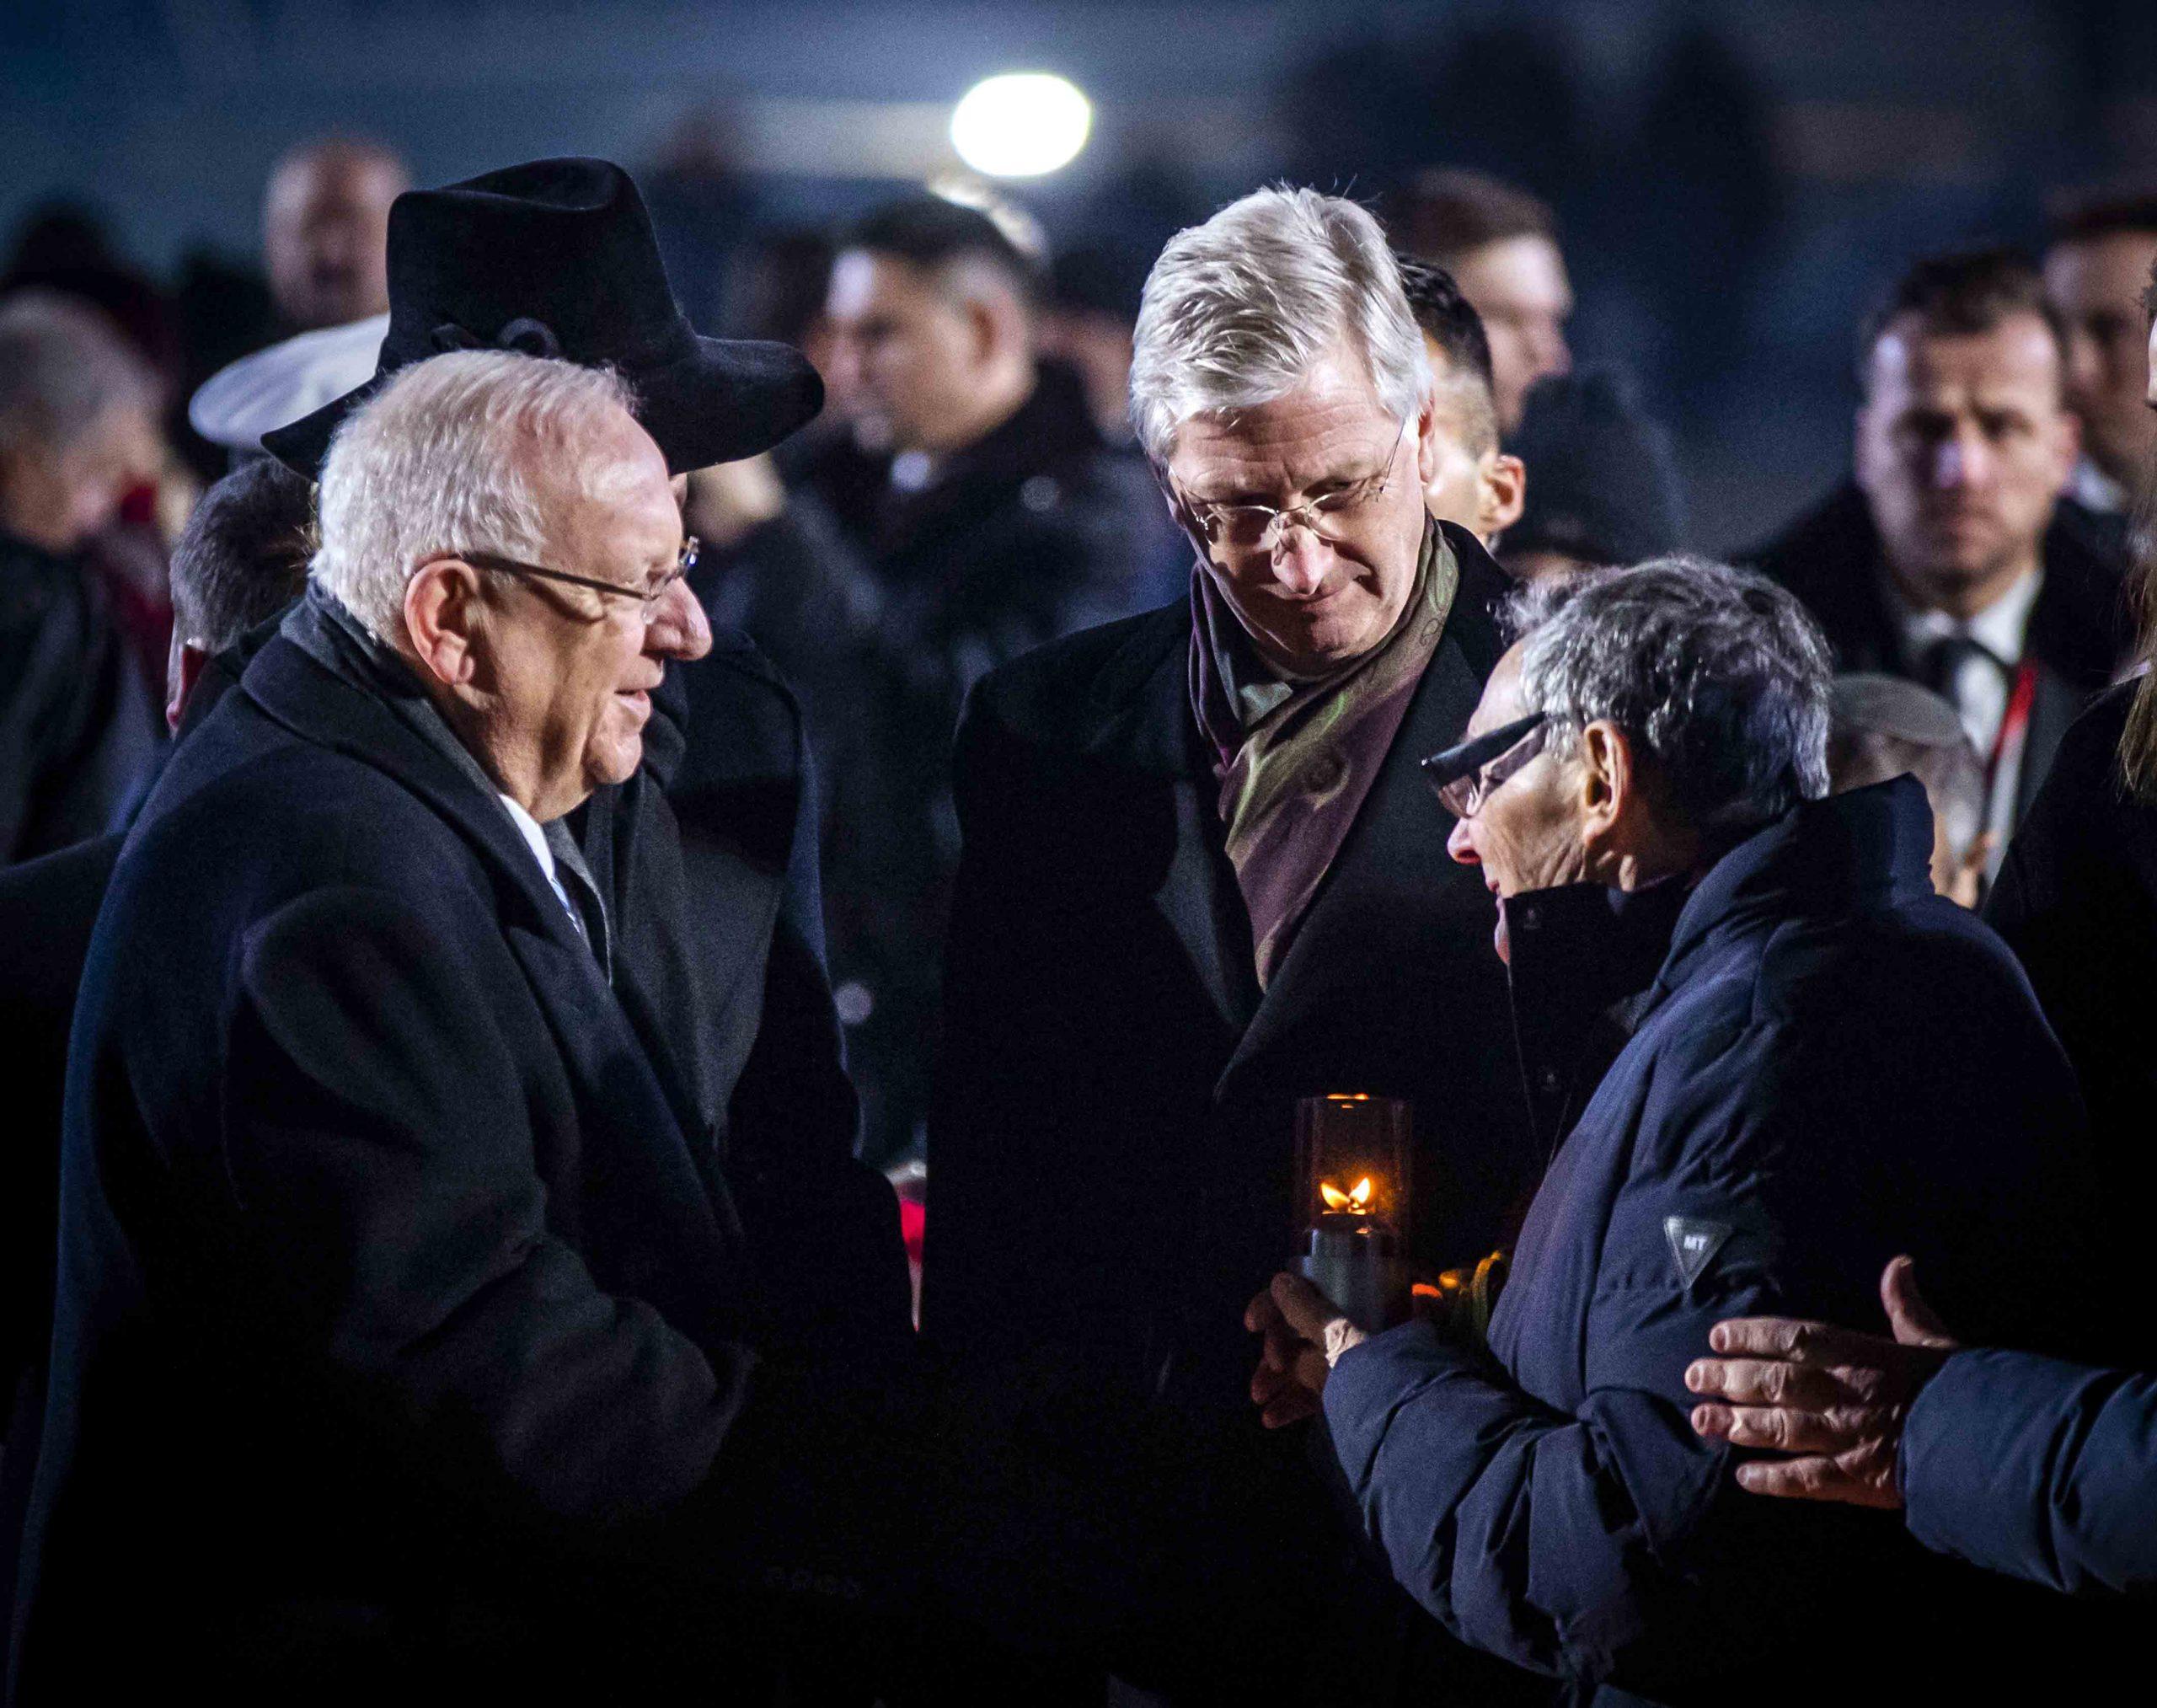 Koning-Filip-van-Belgie-in-Auschwitz-herdenking-Polen